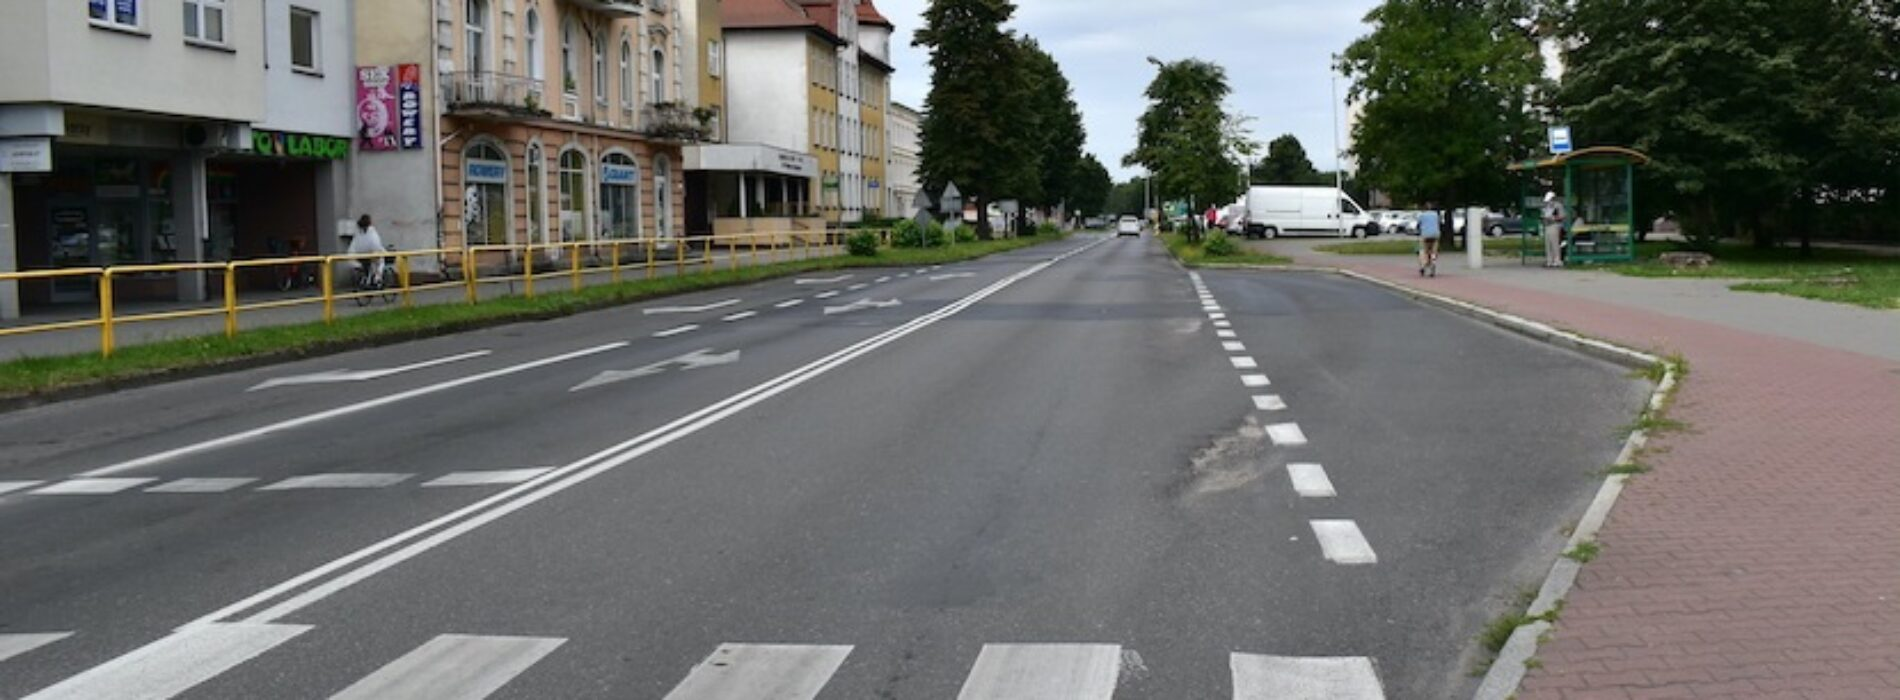 Ruszy remont ulicy Bydgoskiej